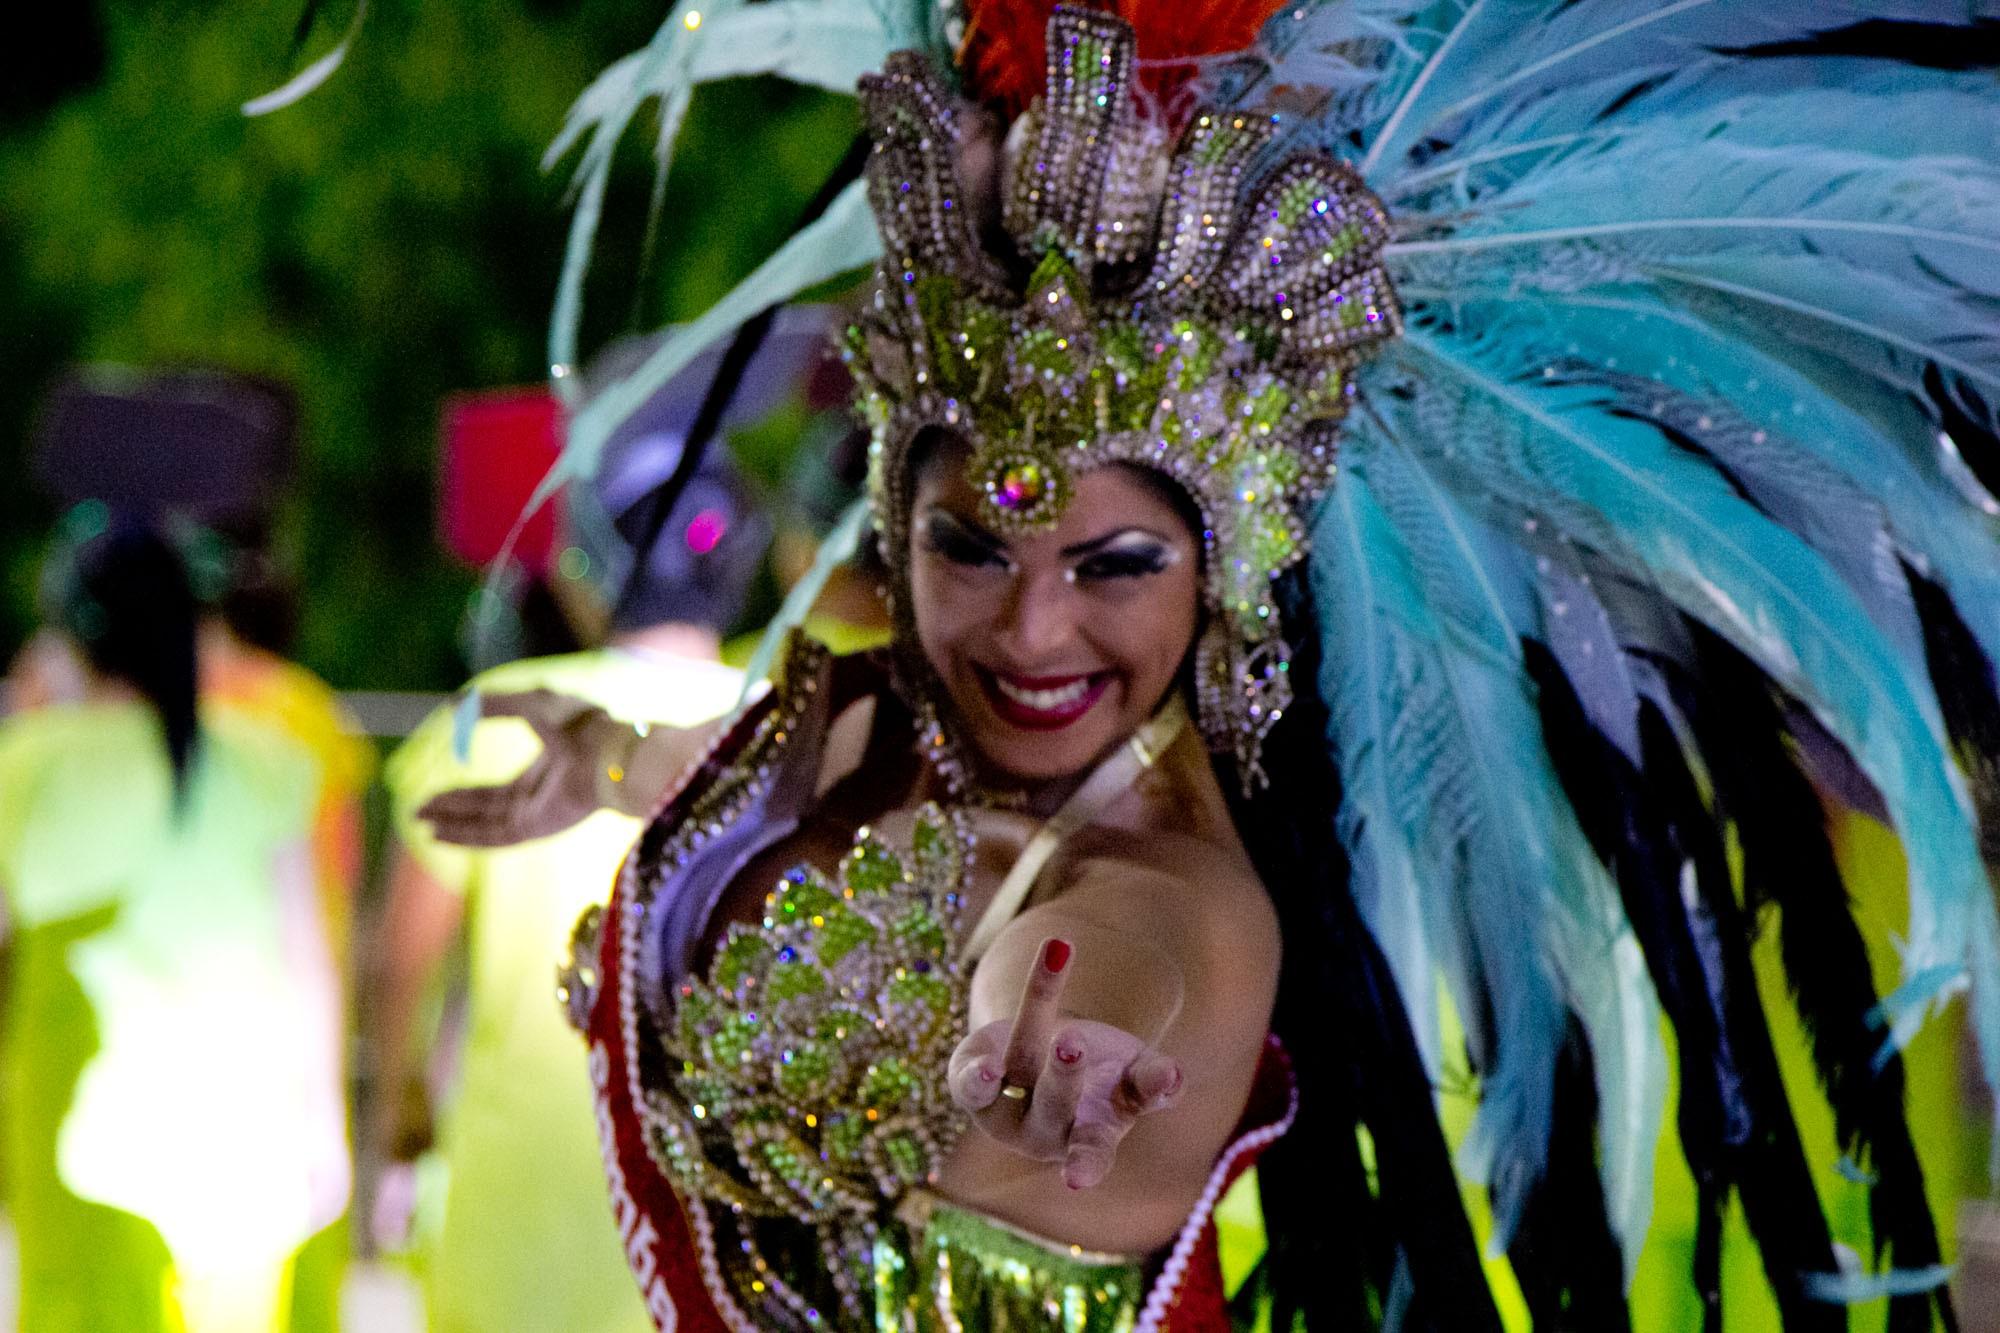 Carnaval 2019 em Florianópolis: venda de ingressos de arquibancadas começa na quarta-feira - Noticias